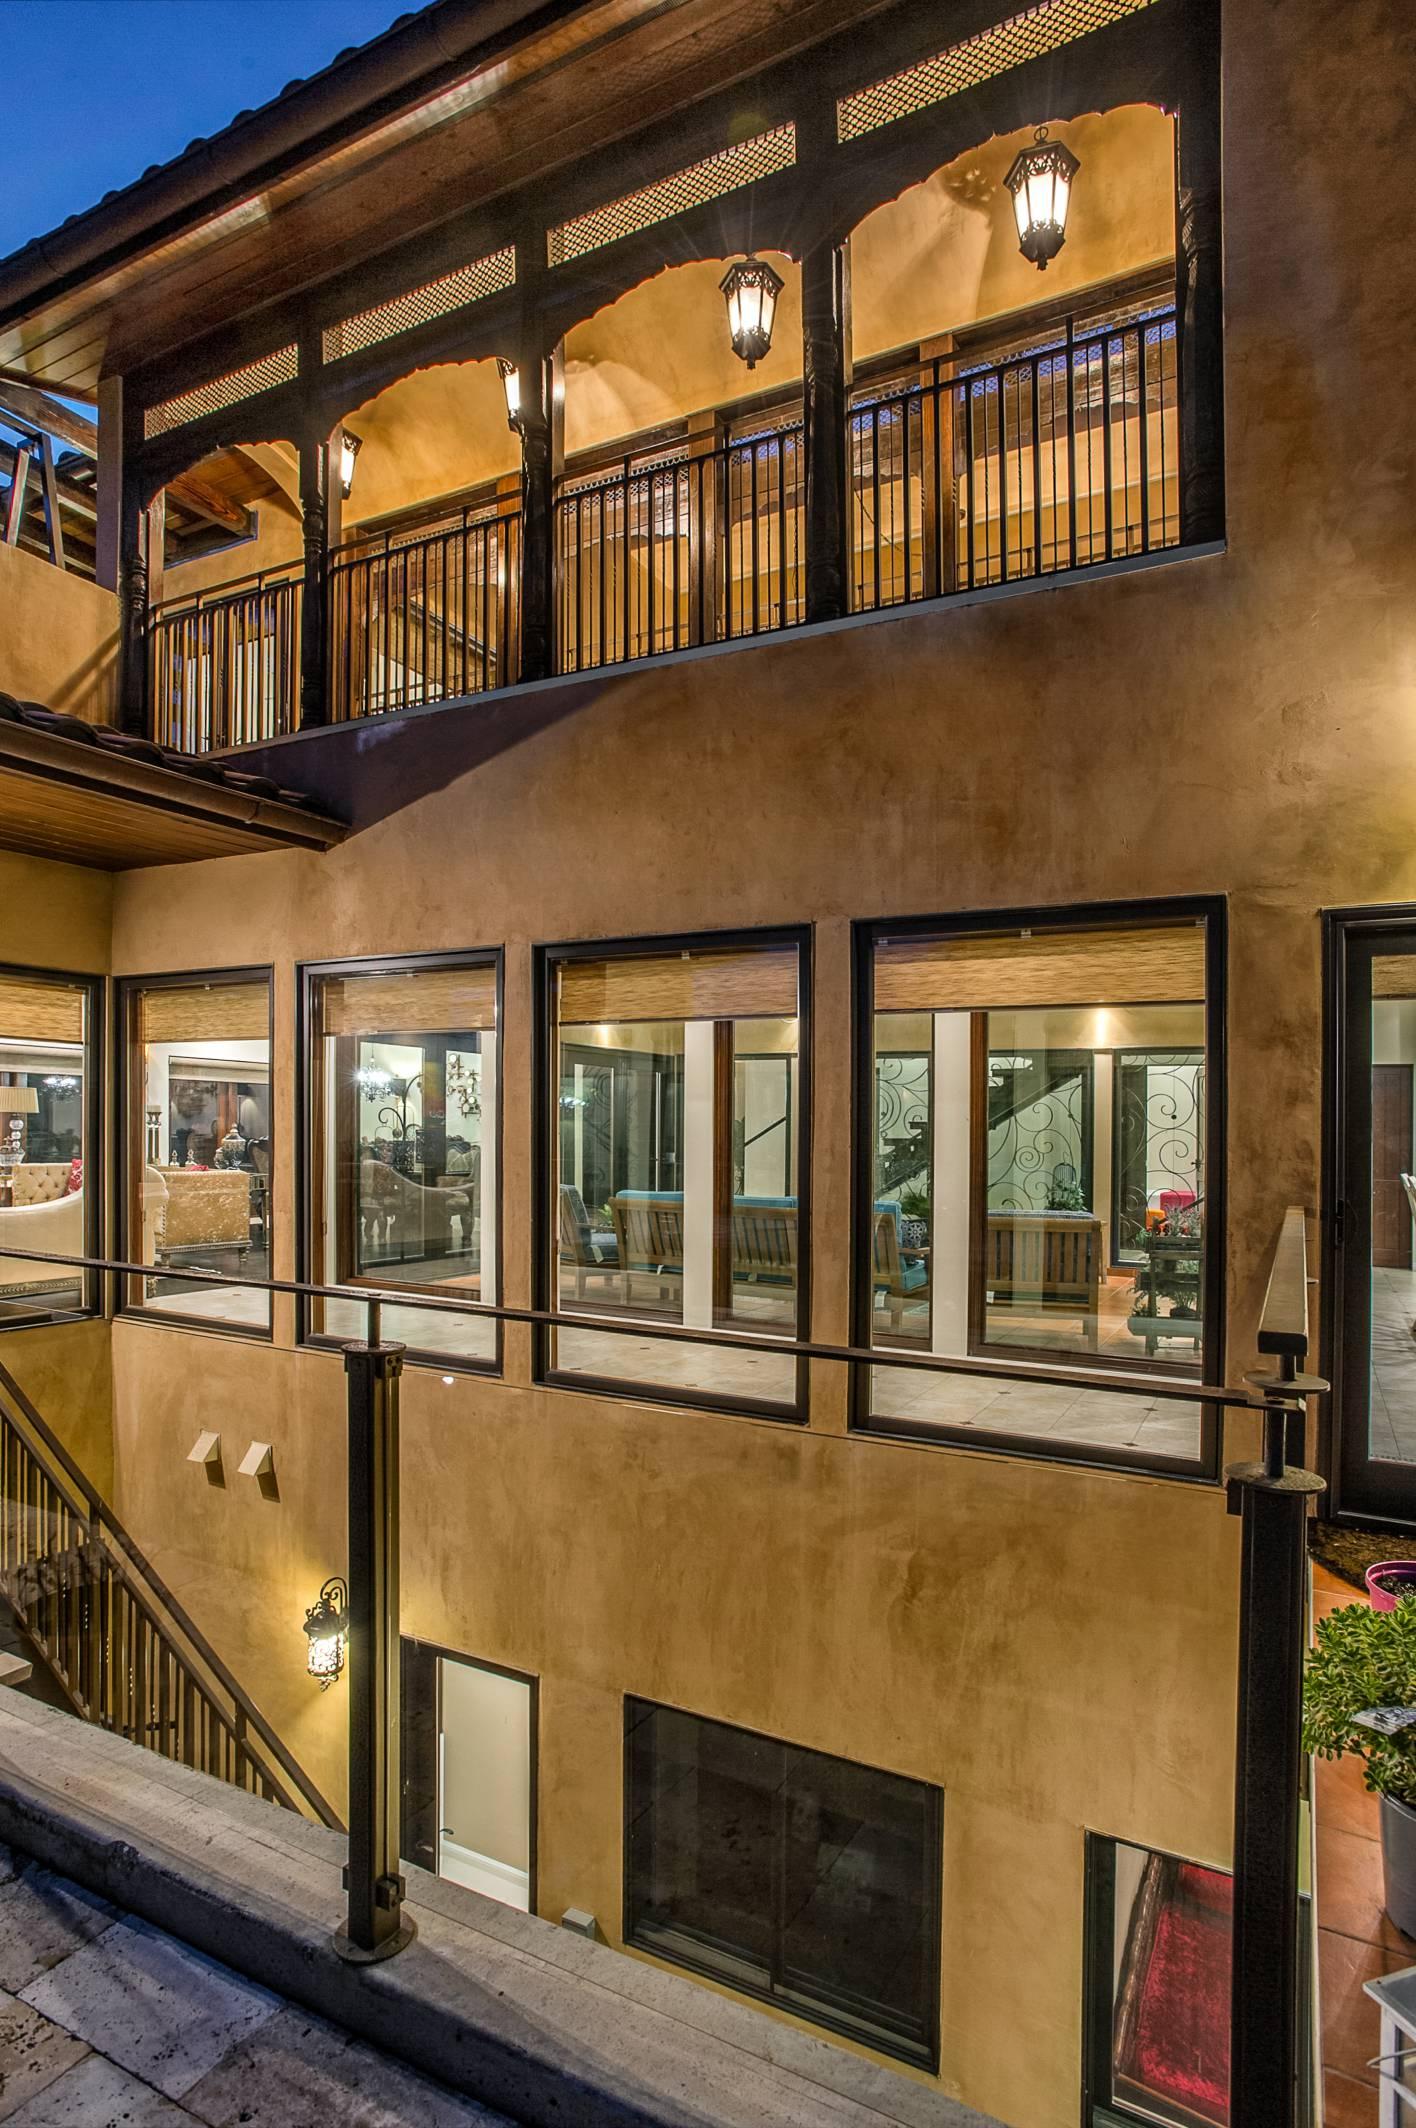 Deluxe mediterranean mogul architecture design, exterior work, Los Altos